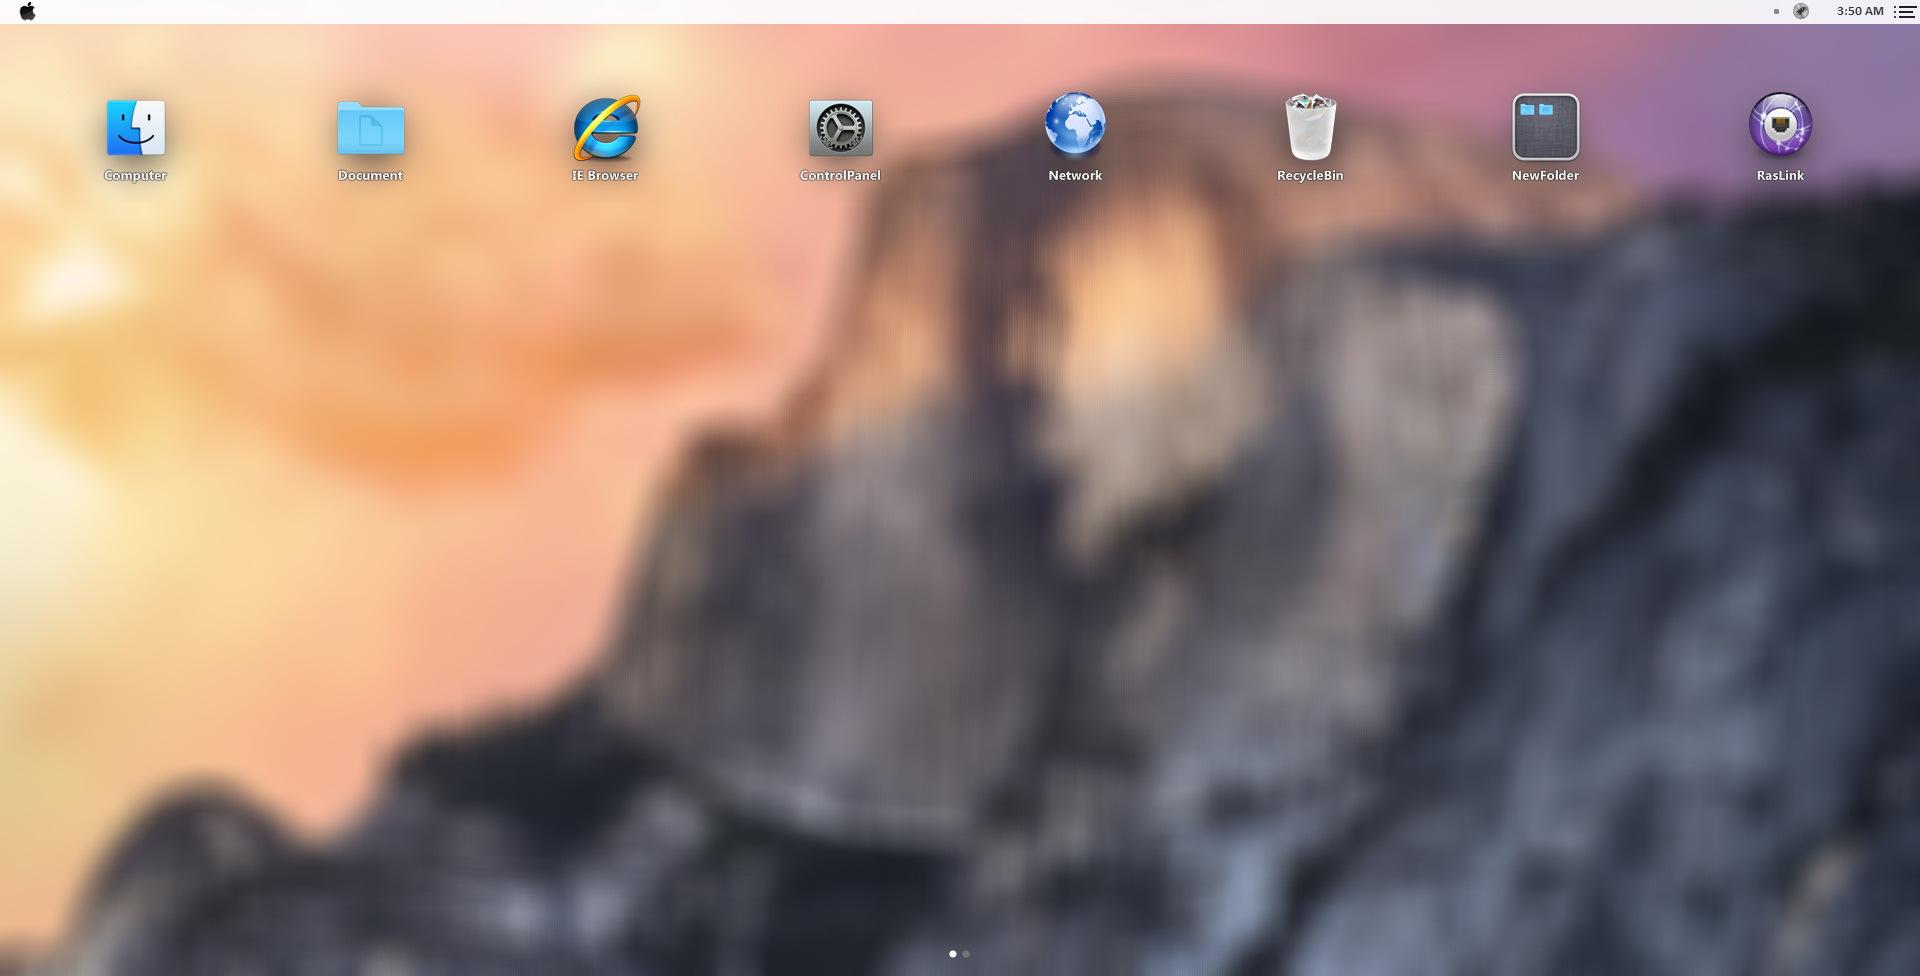 الويندوز7 نظام الماكينتوش الجديد Yosemite 310.jpg